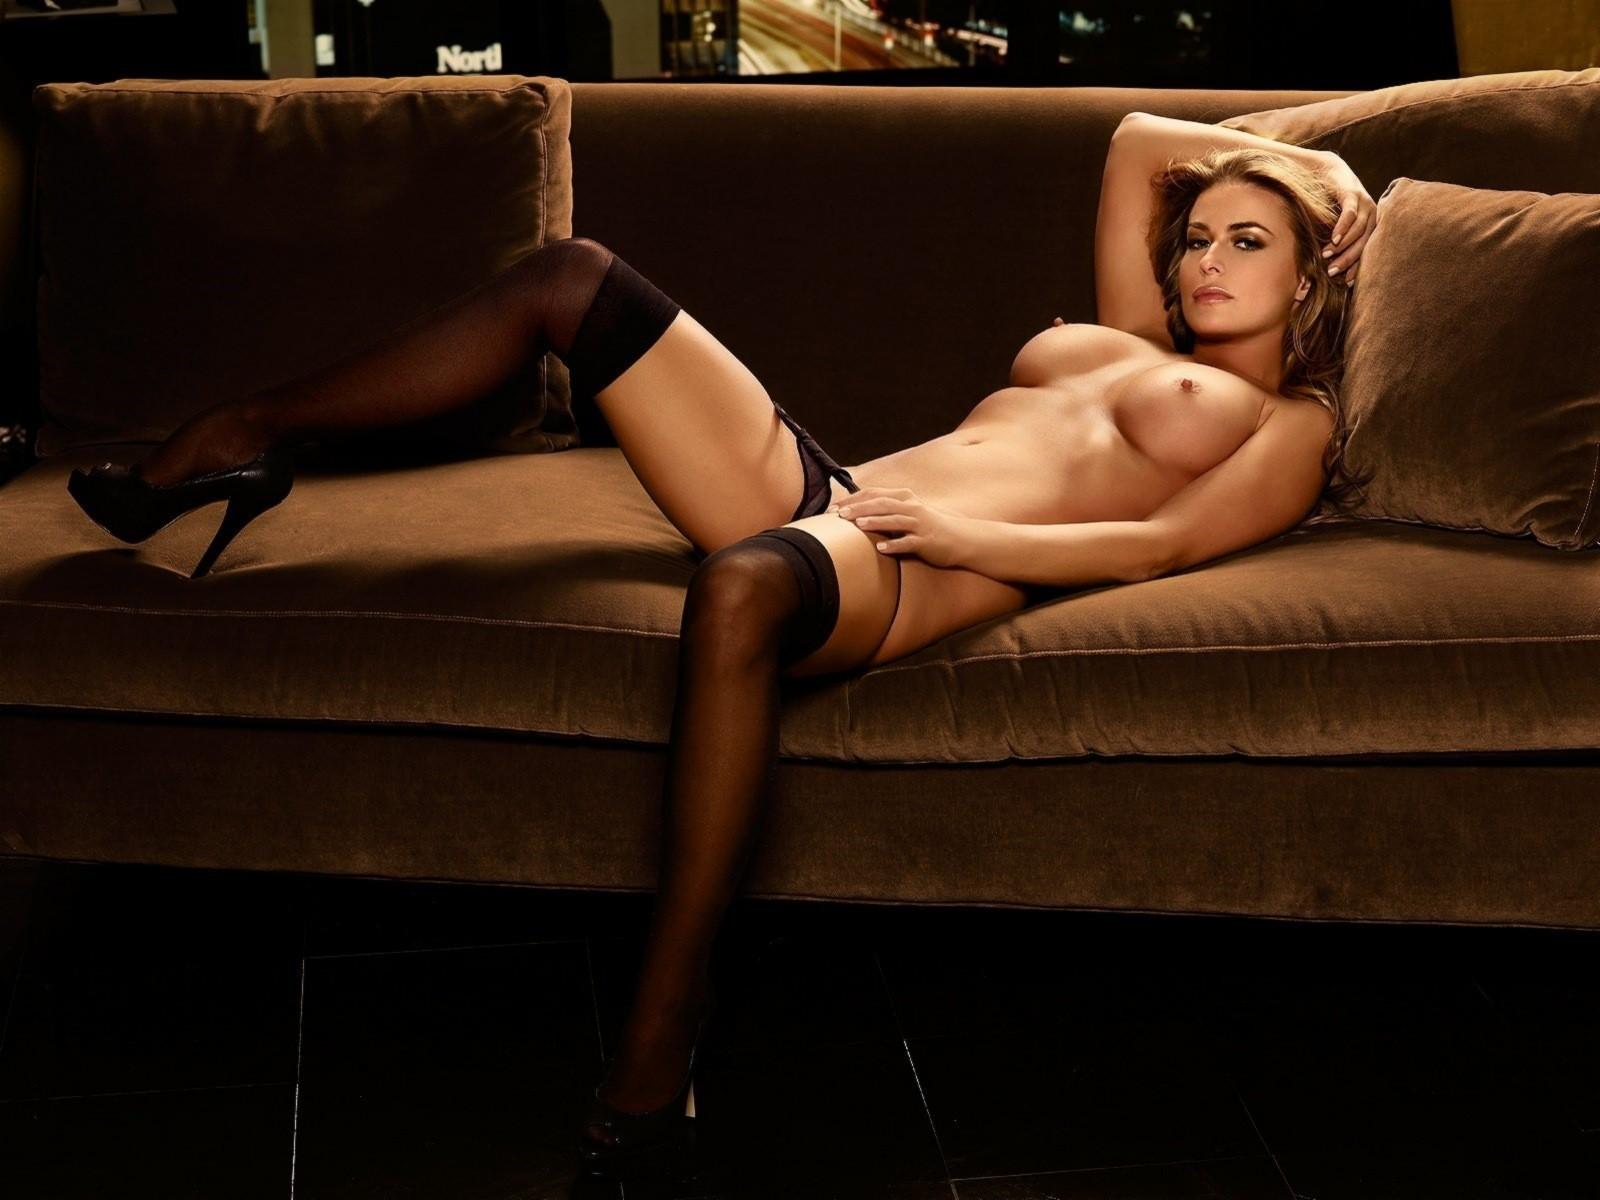 Фото голых модели в чулках, Новые галереи модели, в чулках. Голые девушки 20 фотография